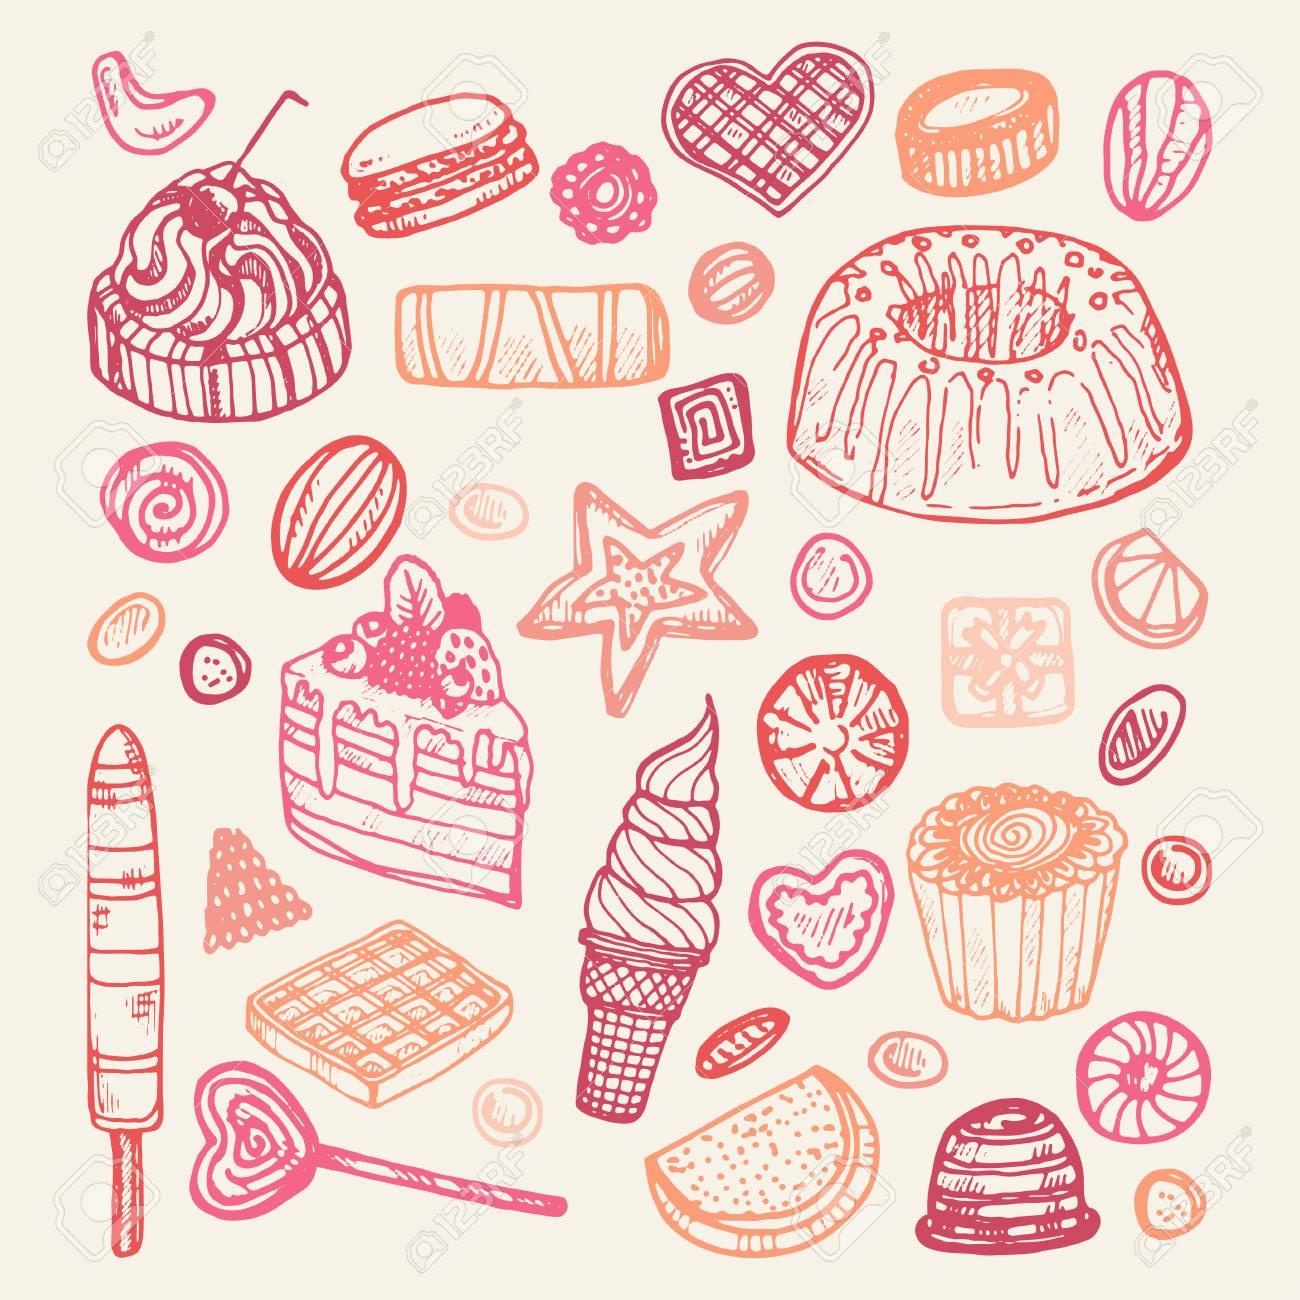 かわいいお菓子とキャンディーのセットのイラスト素材 ベクタ Image